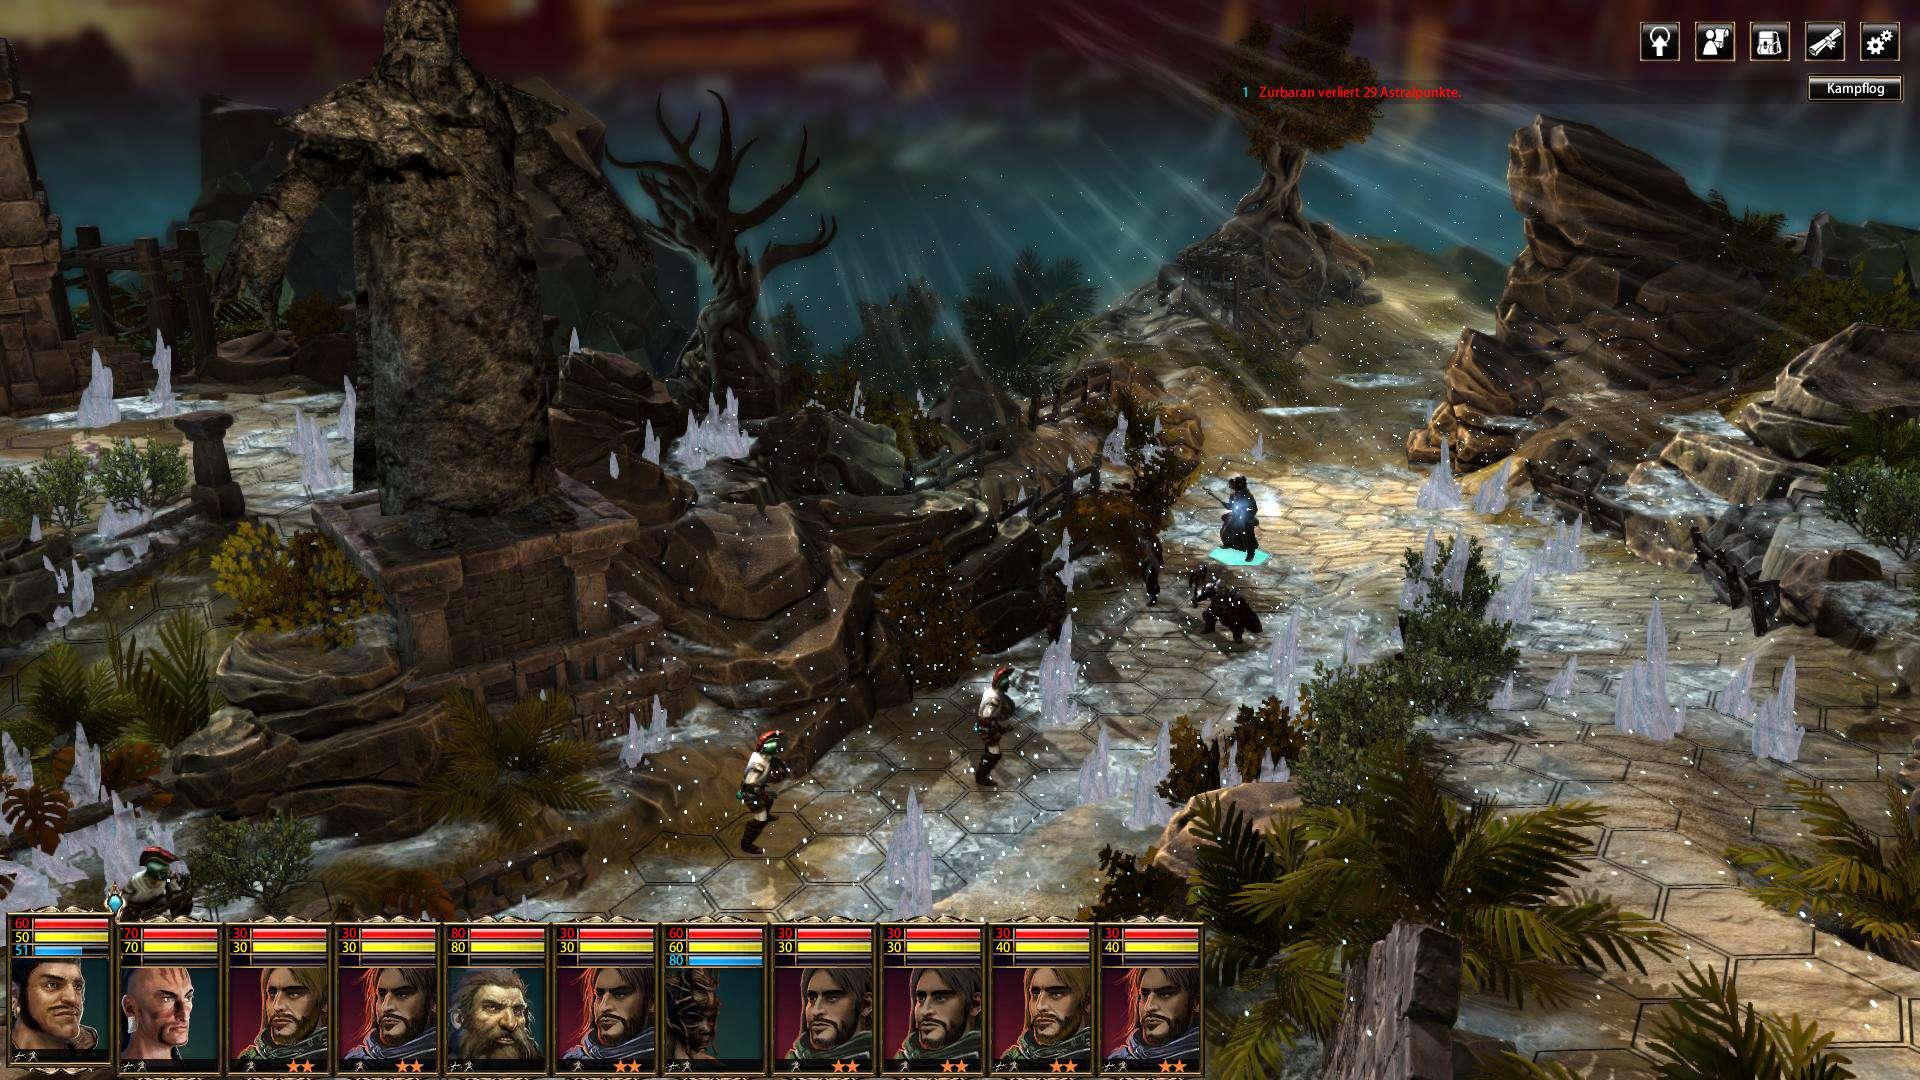 Blackguards2-005.jpg